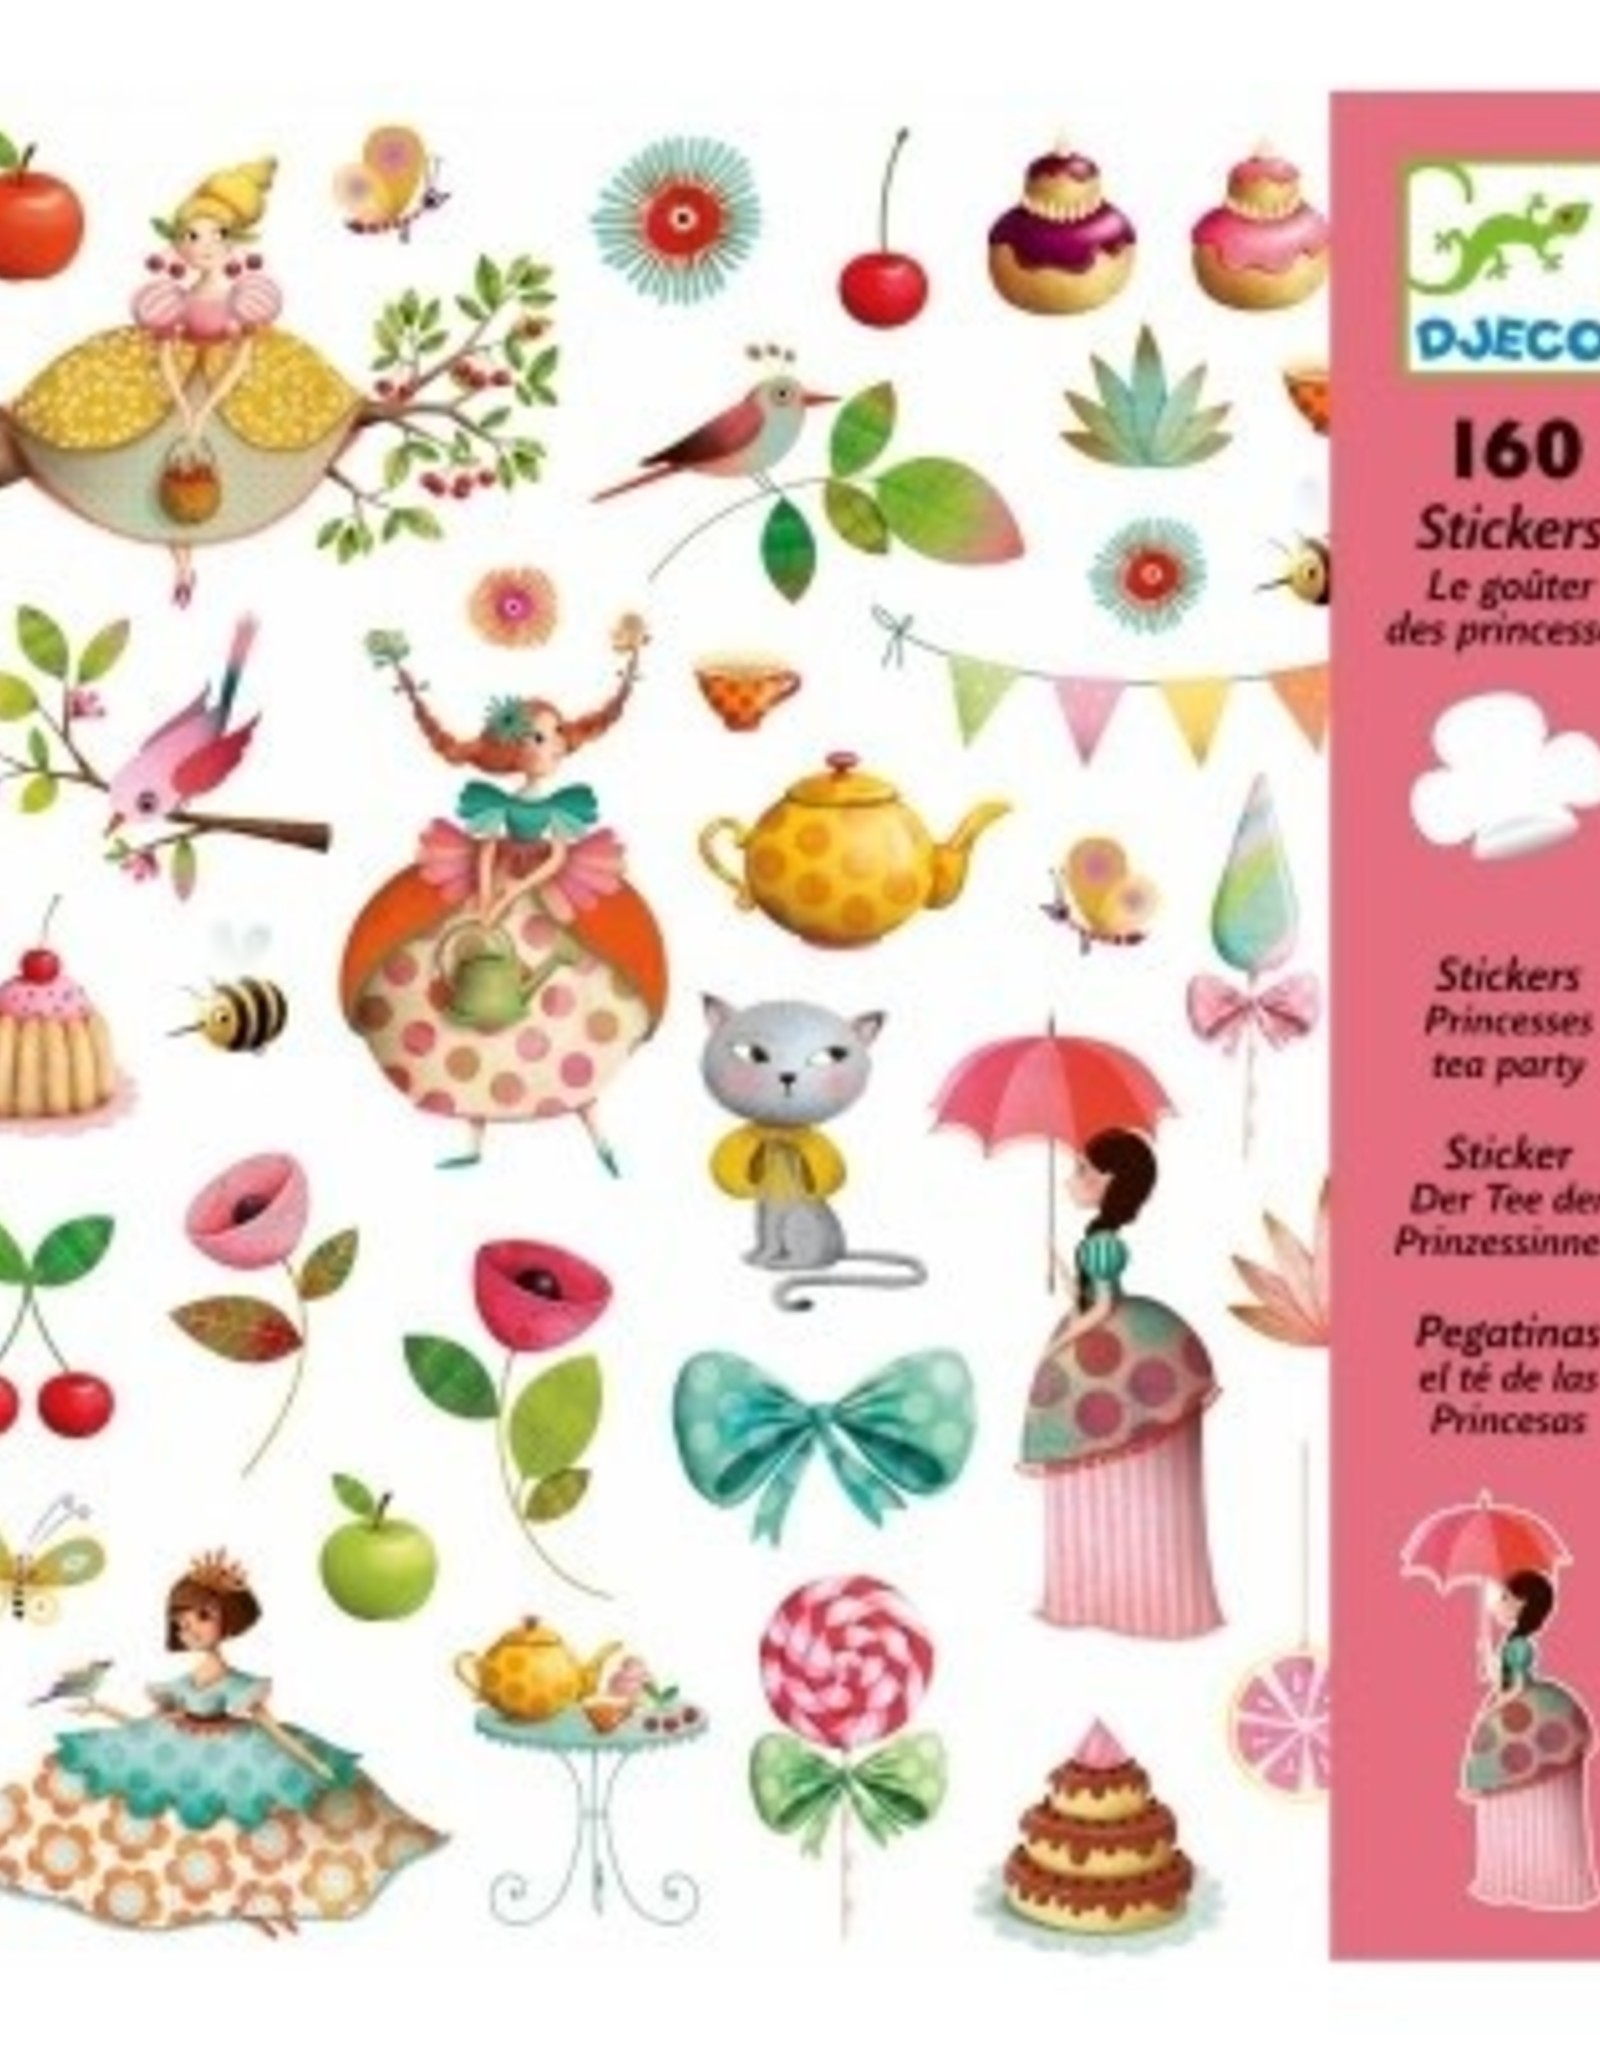 Djeco 160 Stickers Thee drinken met Prinsessen - Djeco